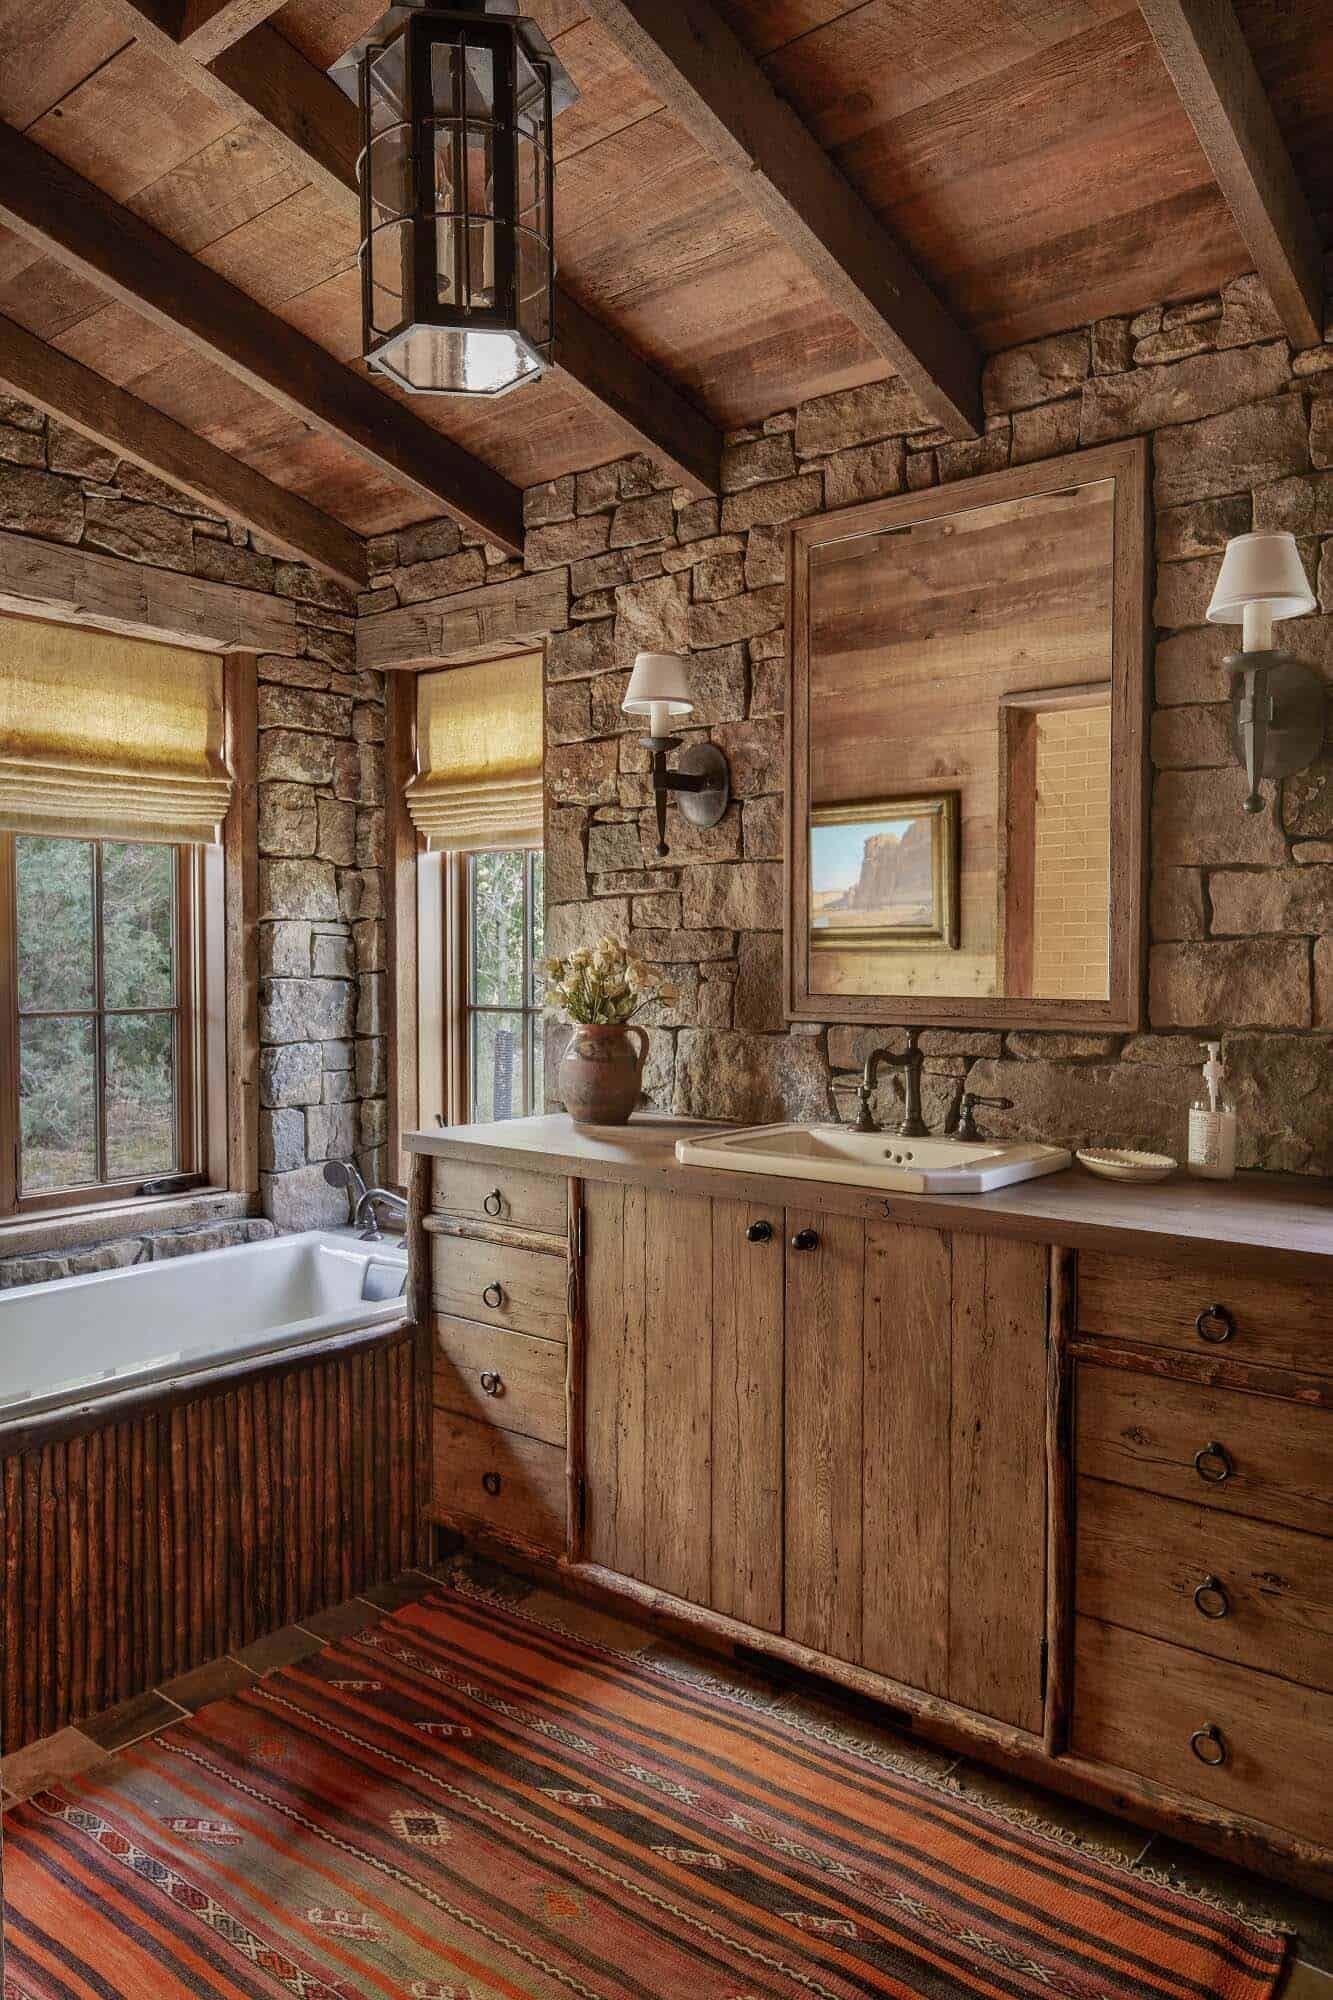 Rustic ranch in Utah designed for family getaways: Lost Creek Ranch